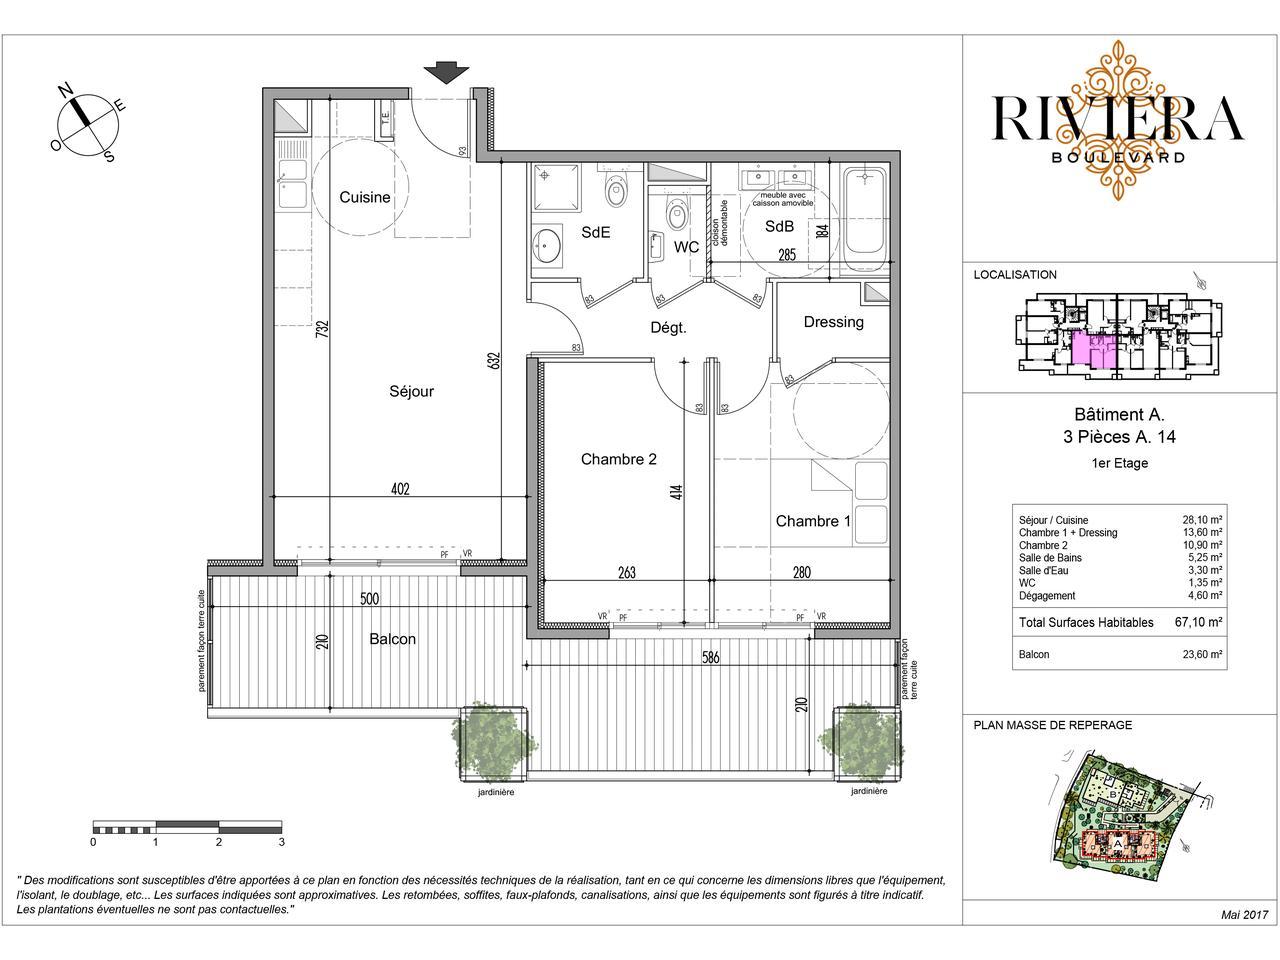 Appartement de 3 Pièces avec terrasse de 23 m² dans un environnement calme : plan